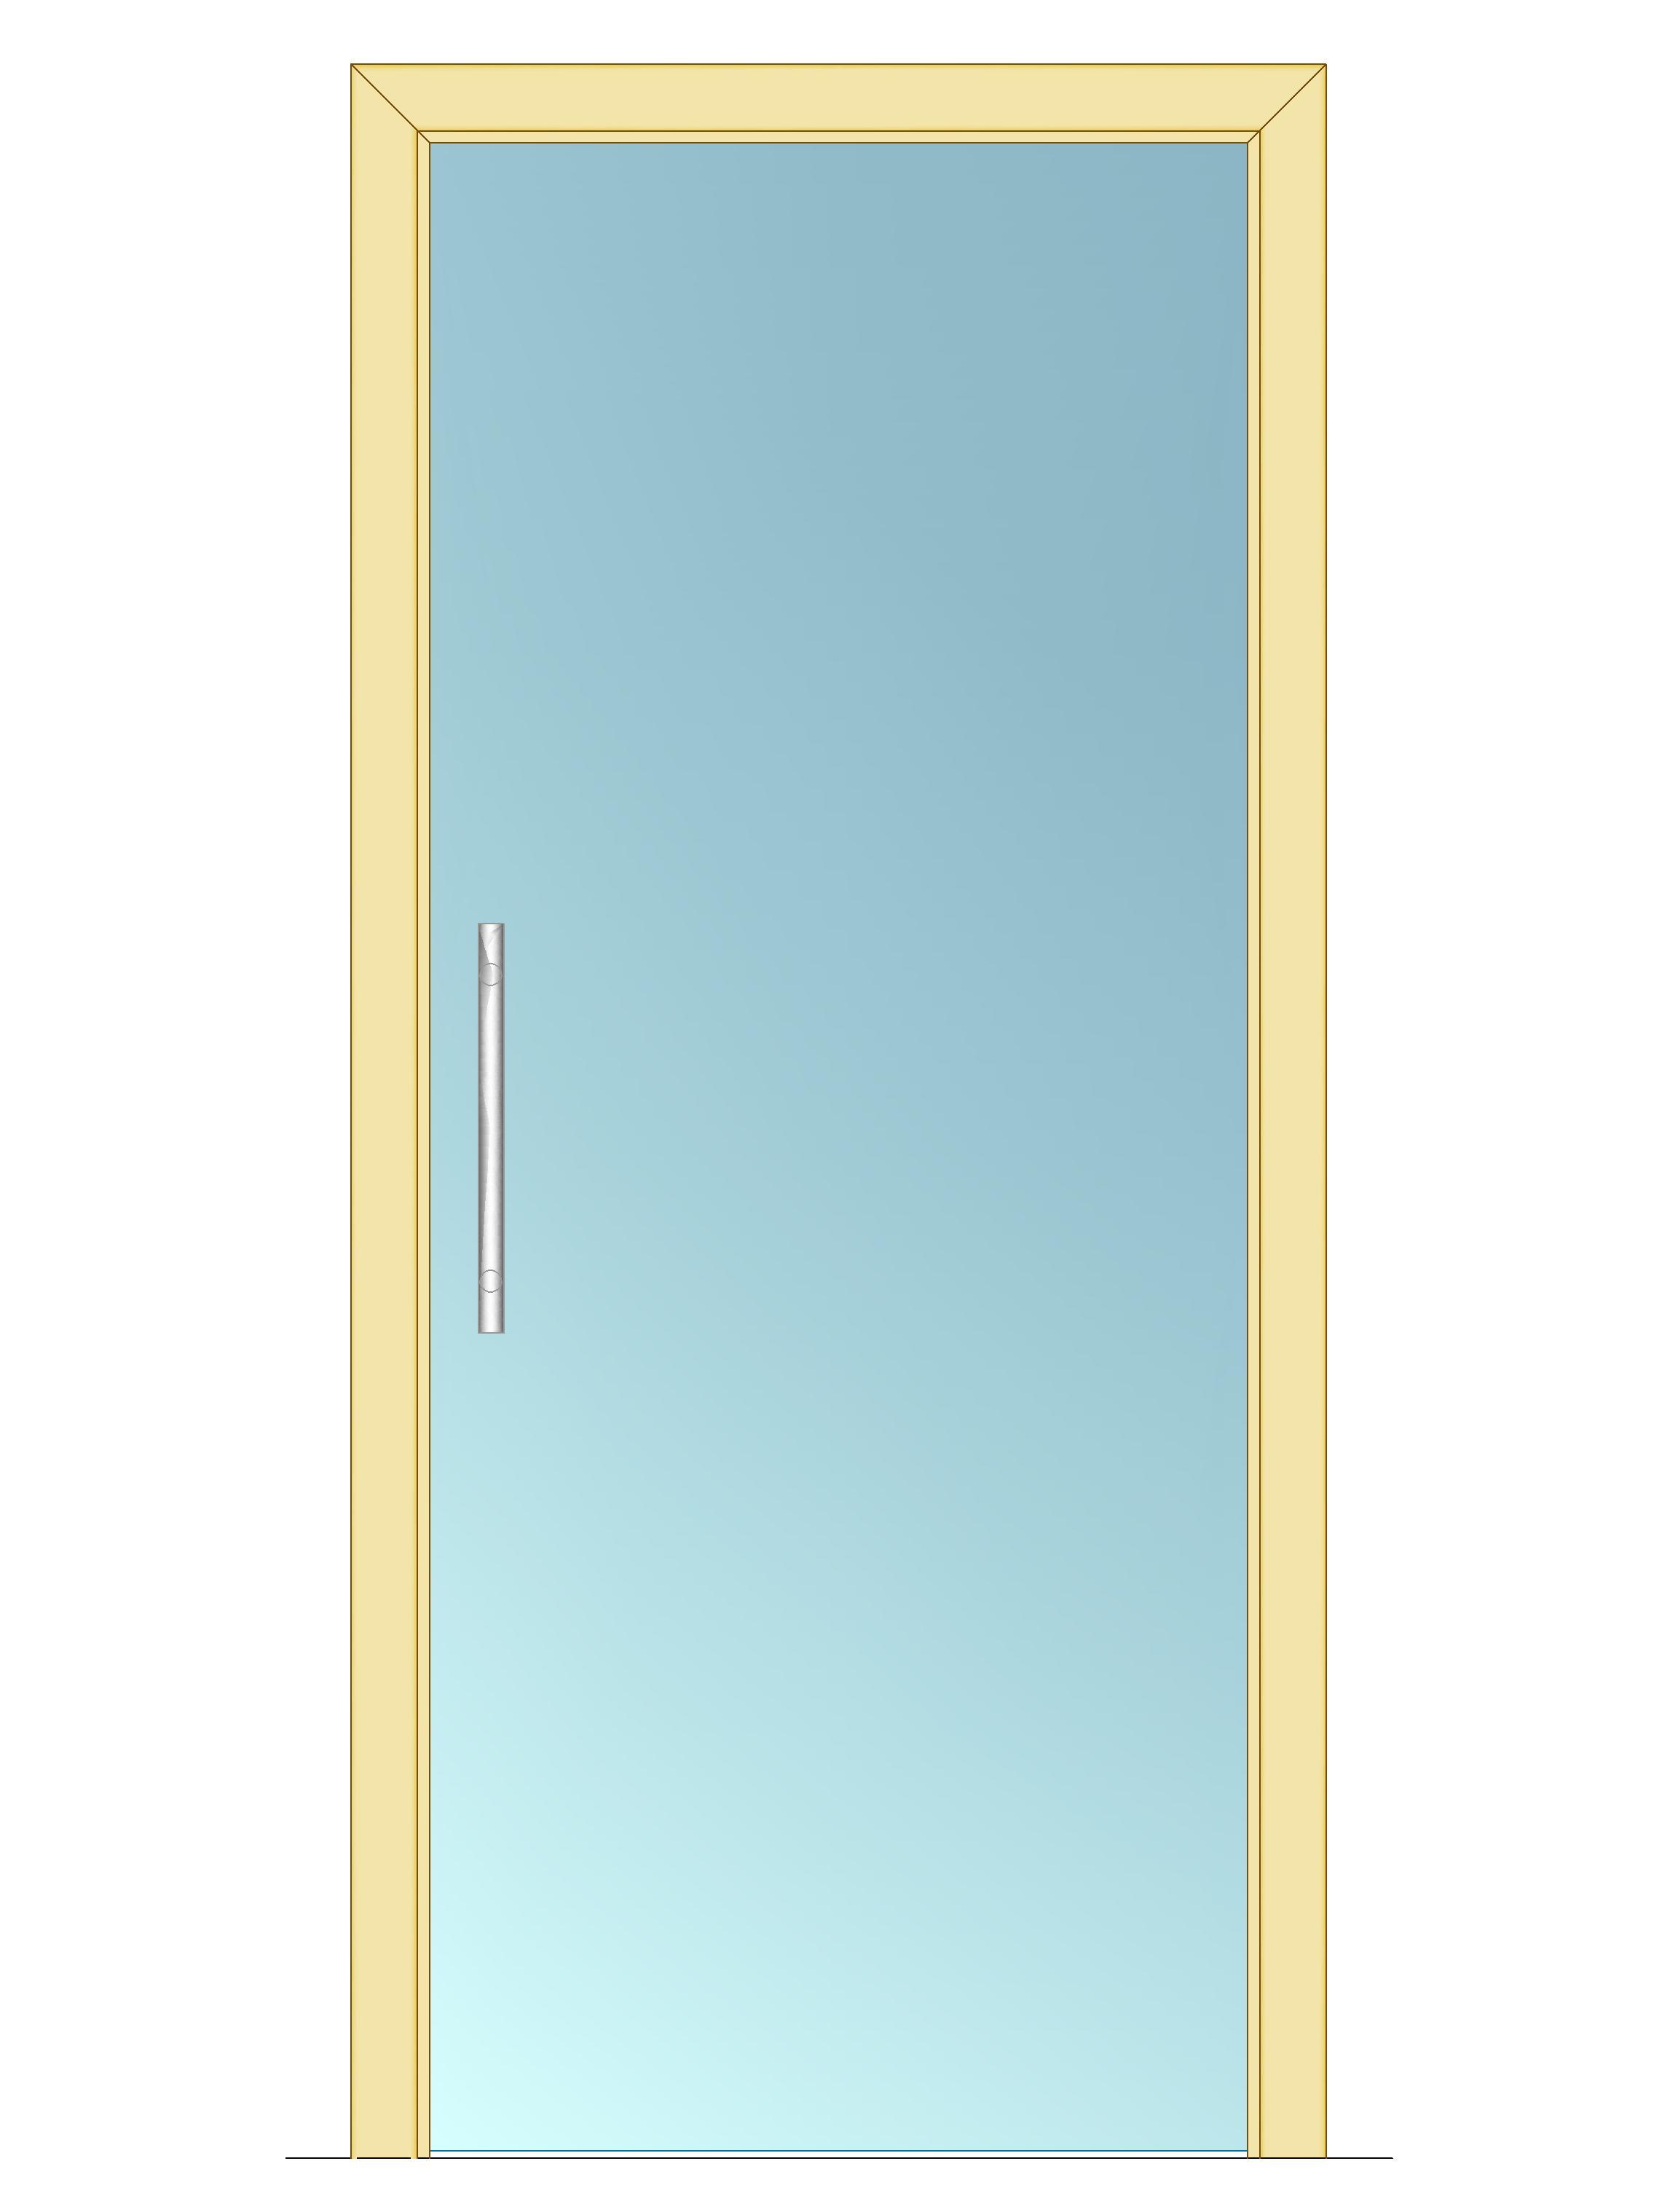 Celoskleněné dveře - posuvné - ČIRÉ 700mm Výška: 210cm